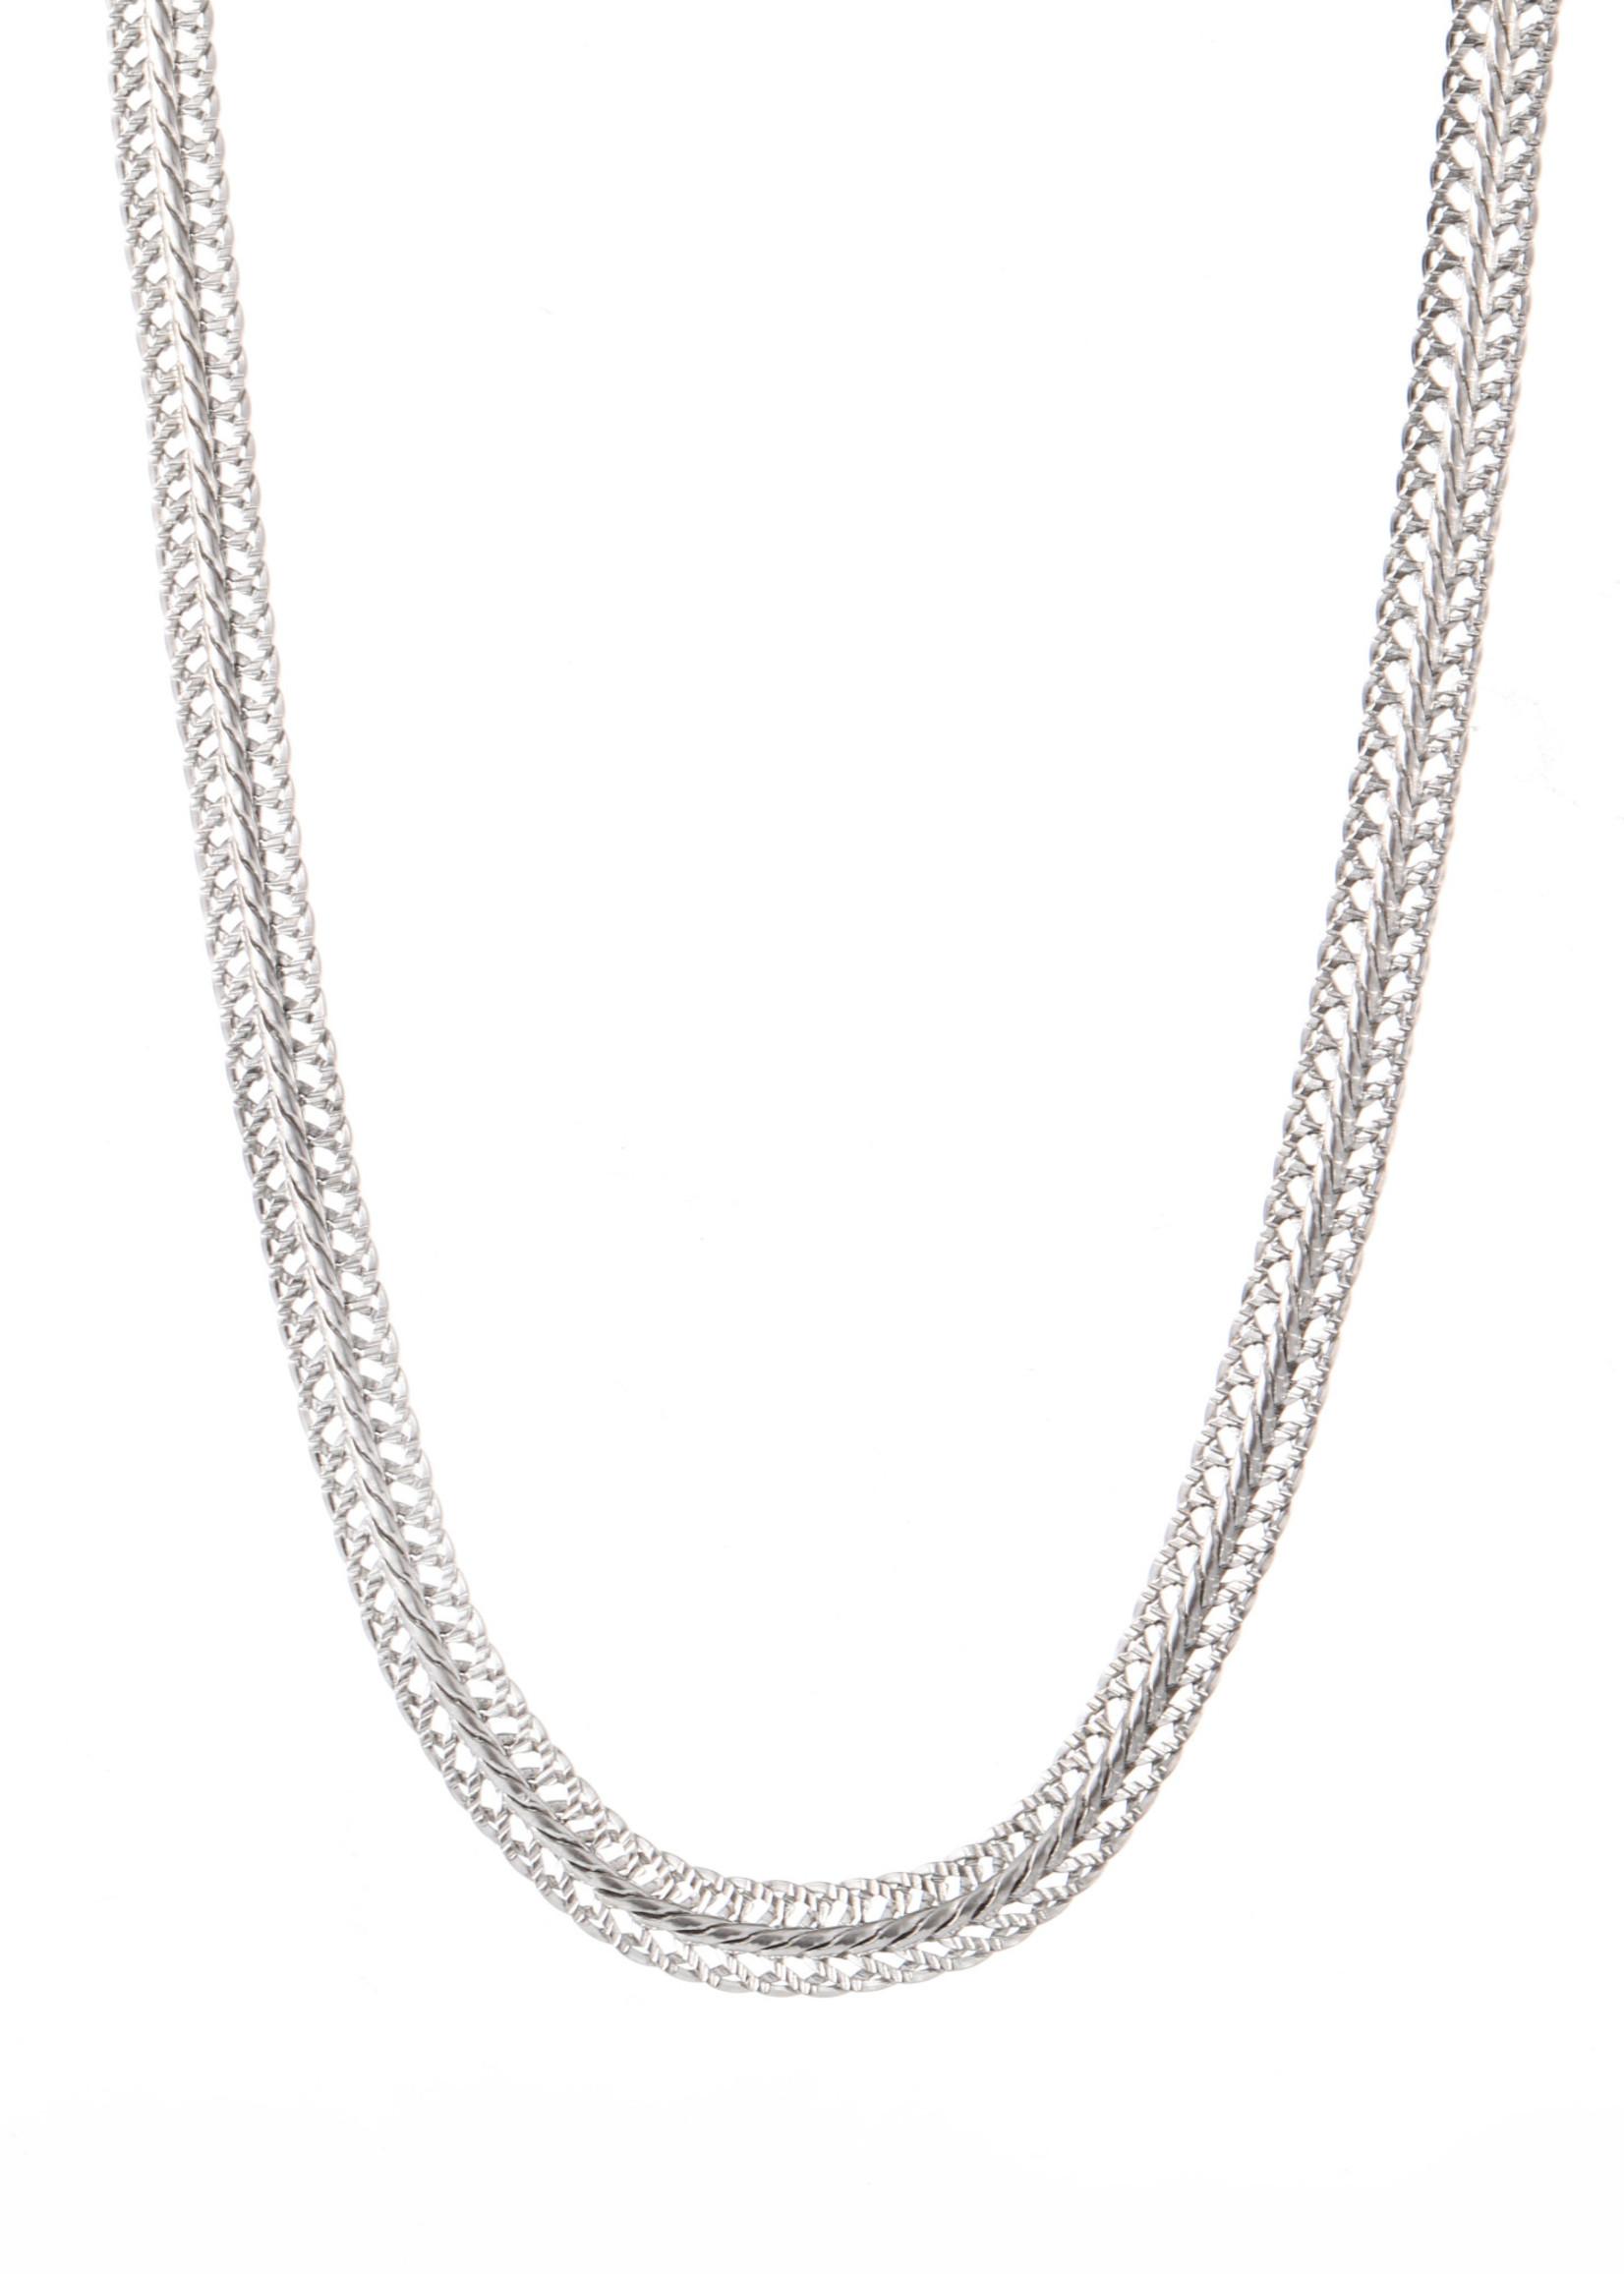 Ketting zilver breed N1859-1